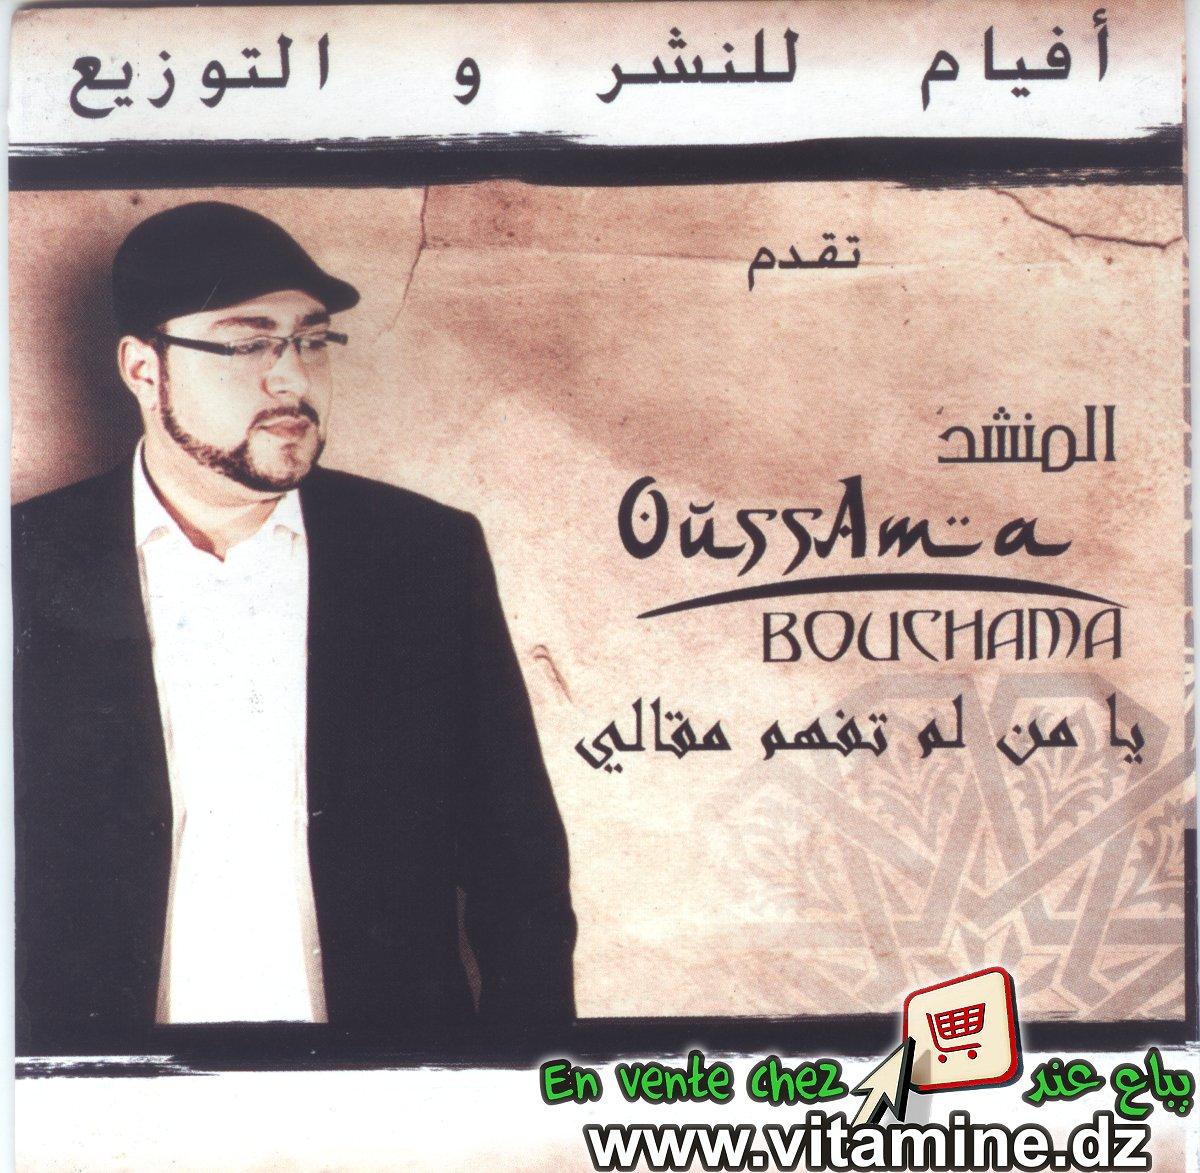 Oussama Bouchama - Ya man lam tafham makali